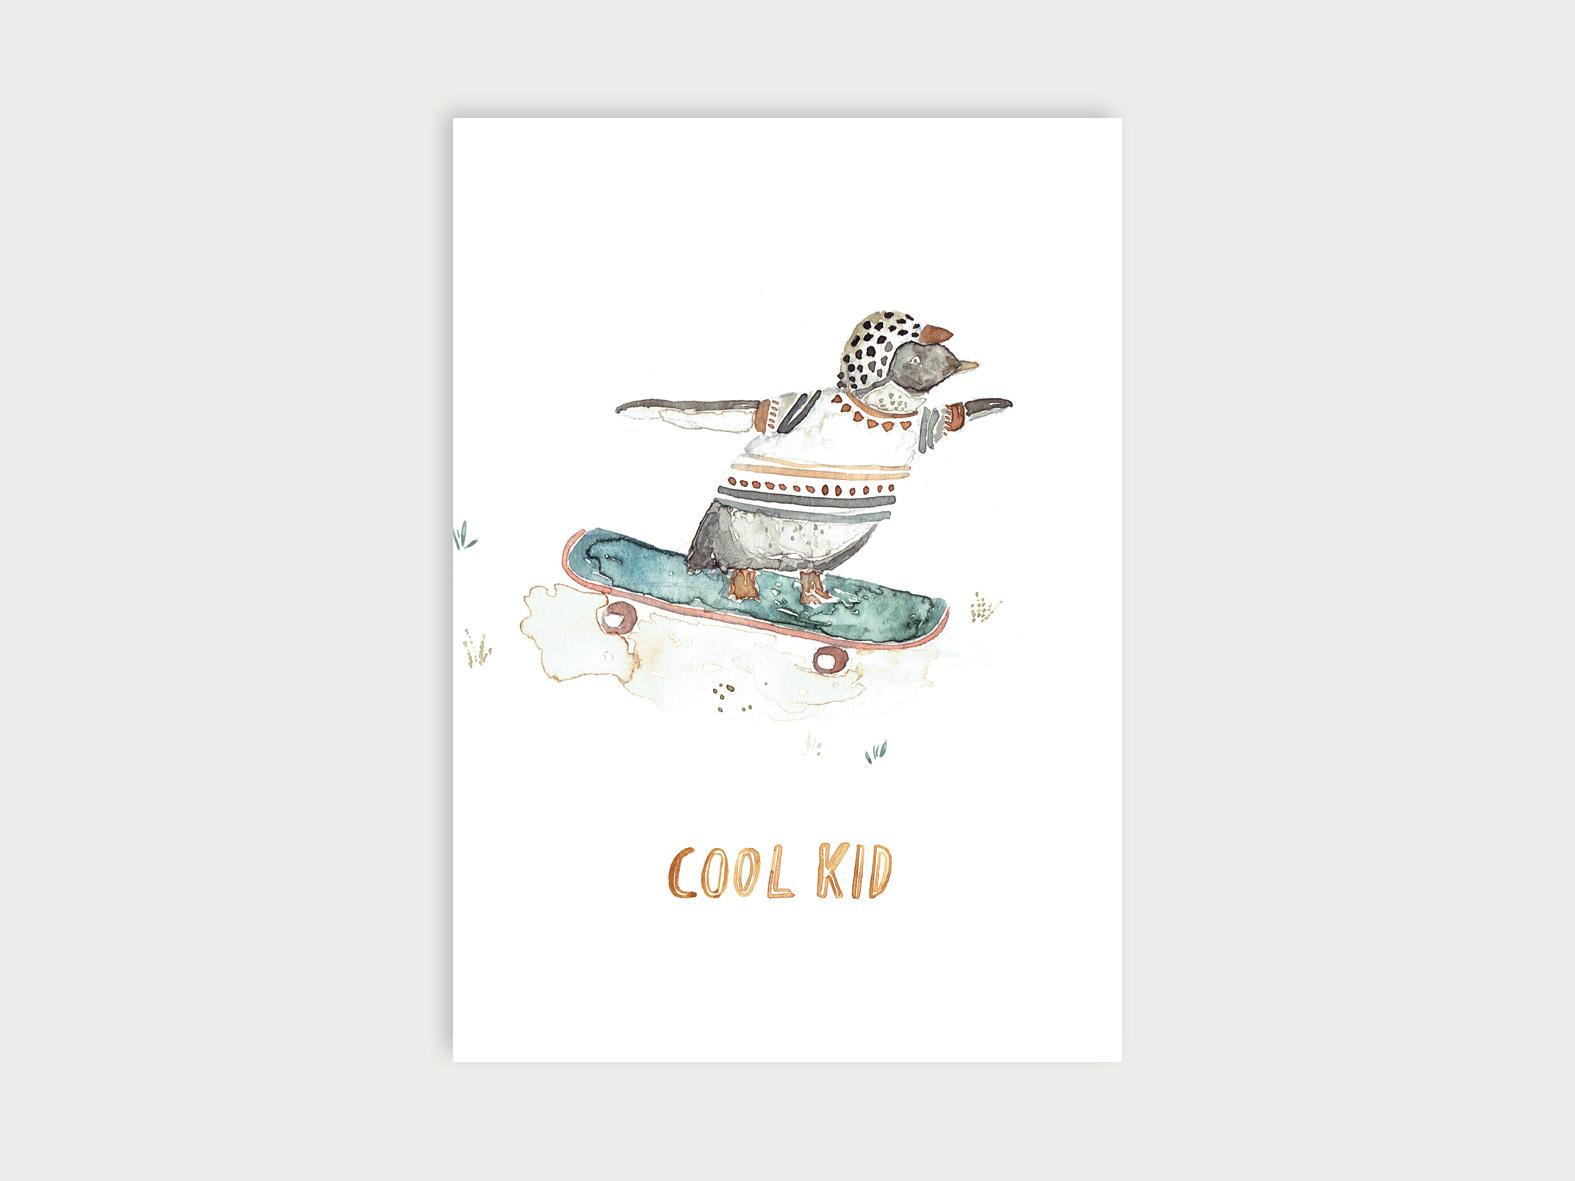 Coolkid_Bispinck_vorlage